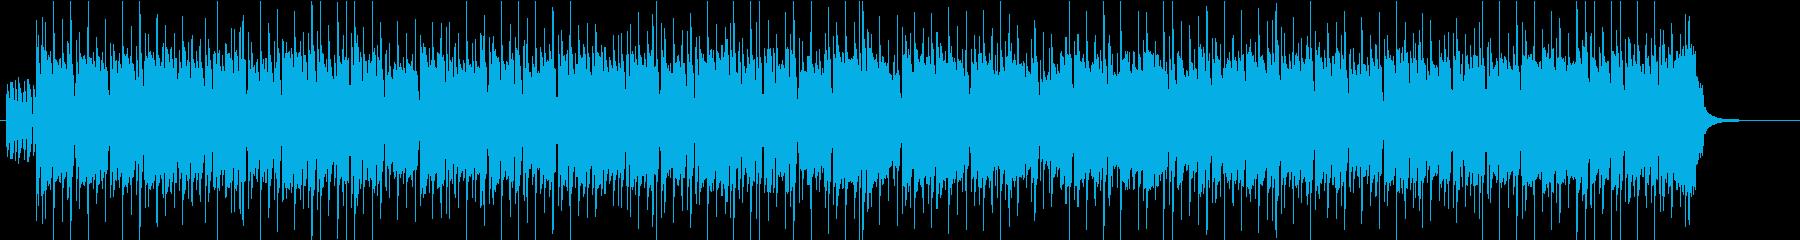 ブルース ポップロック ワイルド ...の再生済みの波形